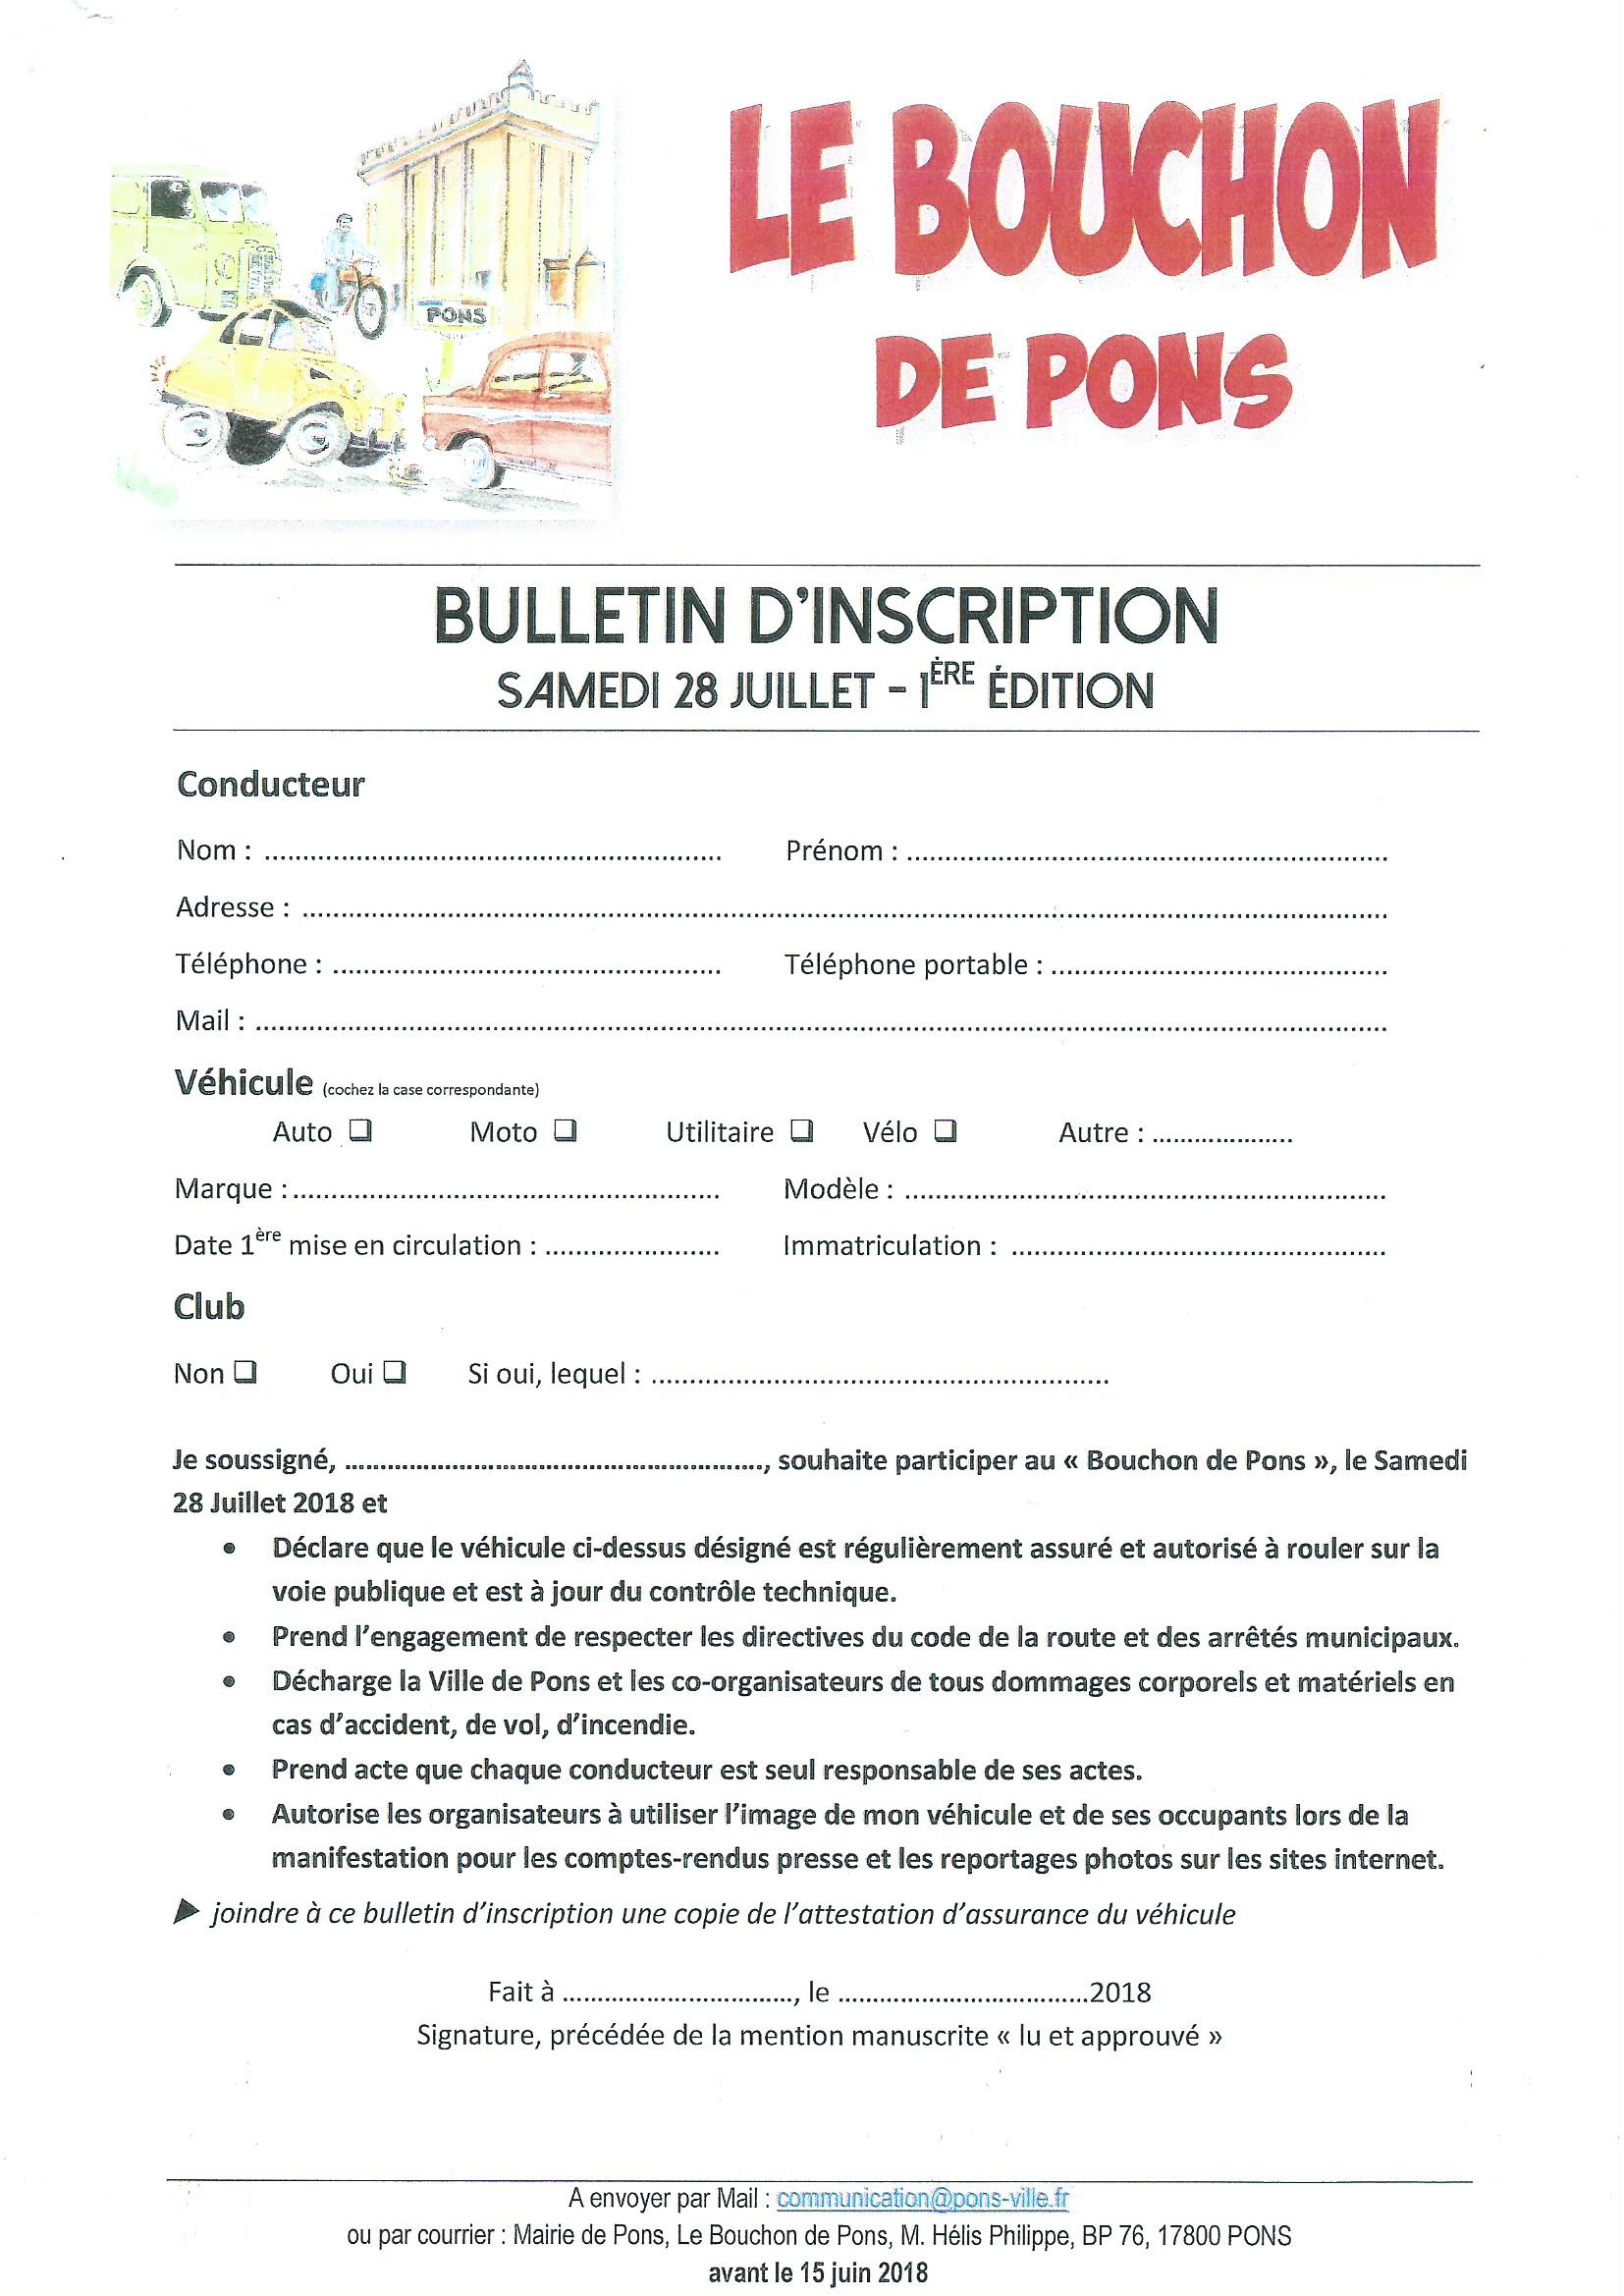 Le Bouchon de Pons - Juillet 2018 - bulletin inscription